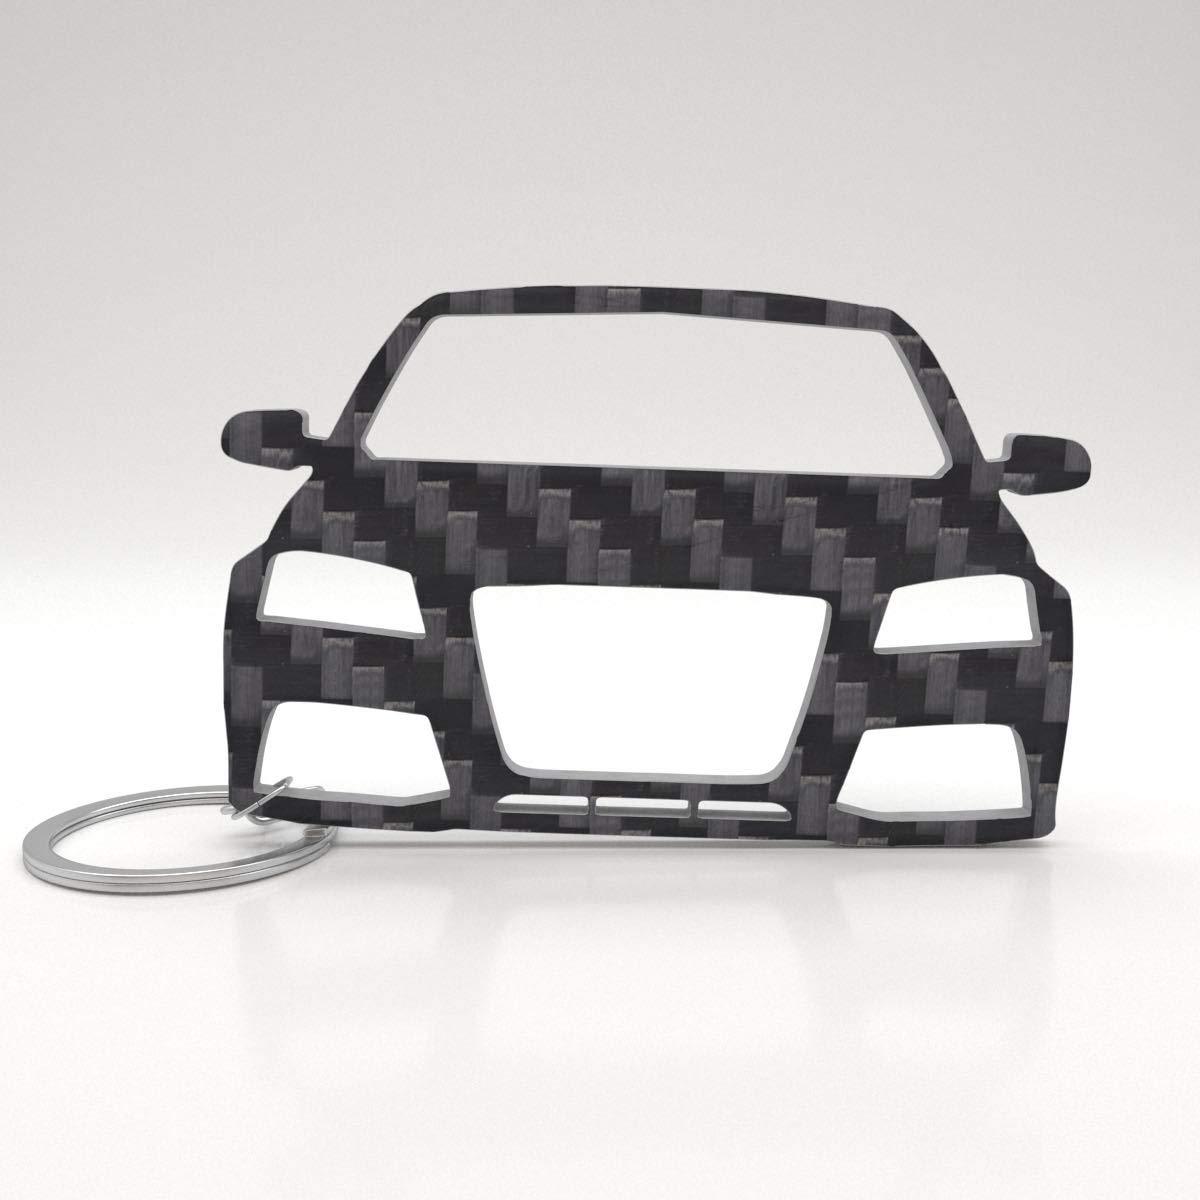 Llavero Audi de carbono auténtico, idea de regalo, tuning ...